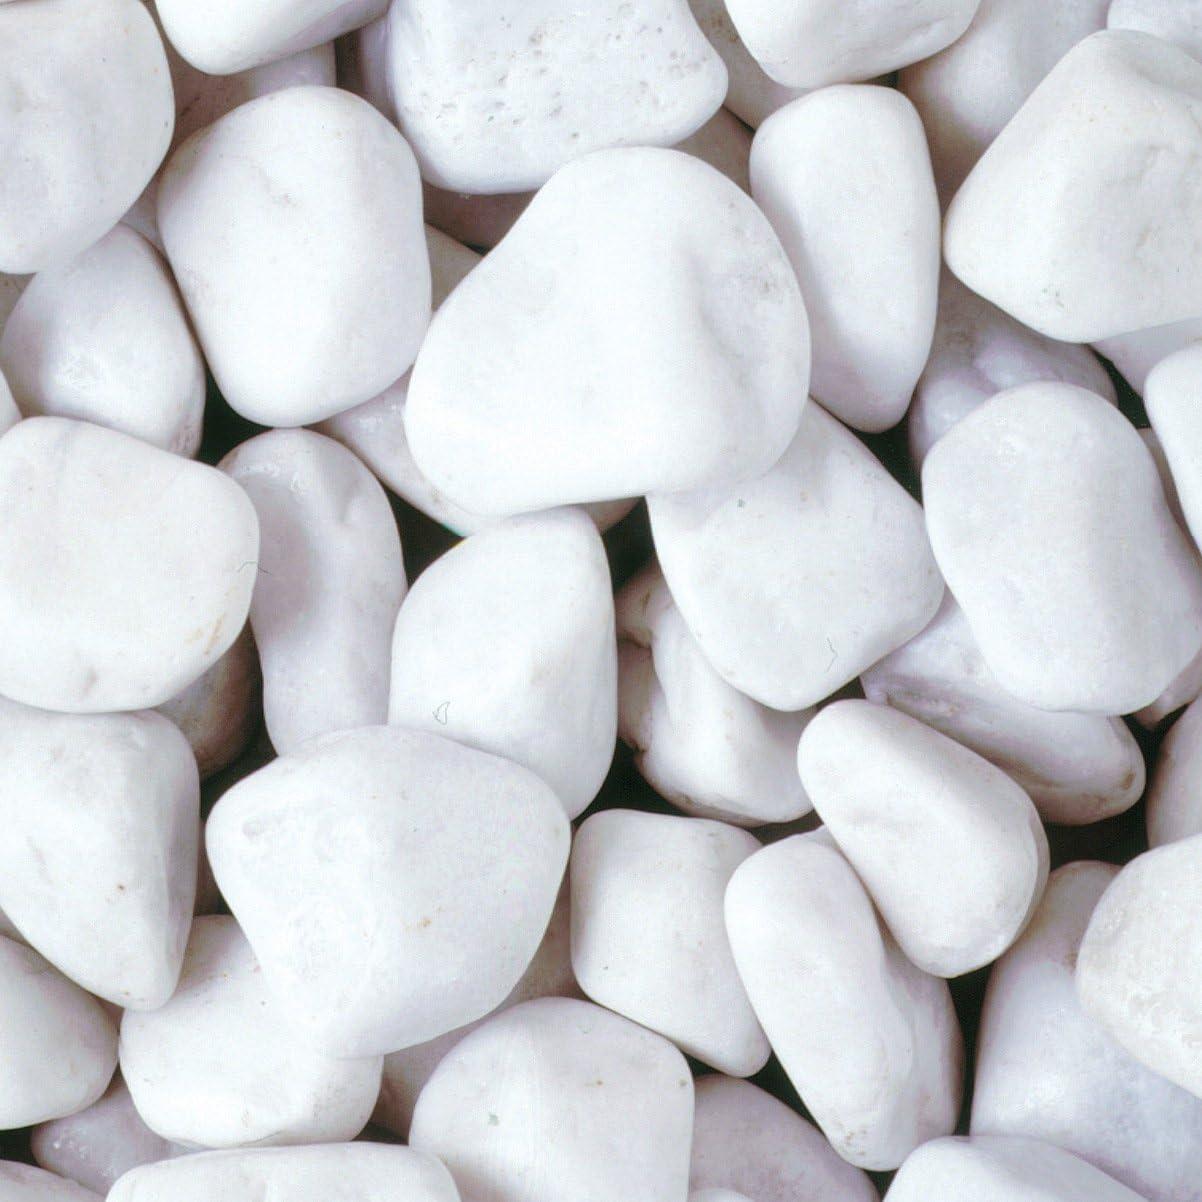 Piedras decorativas para jardín RockinNature, 20 a 40 mm, 15 kg: Amazon.es: Jardín